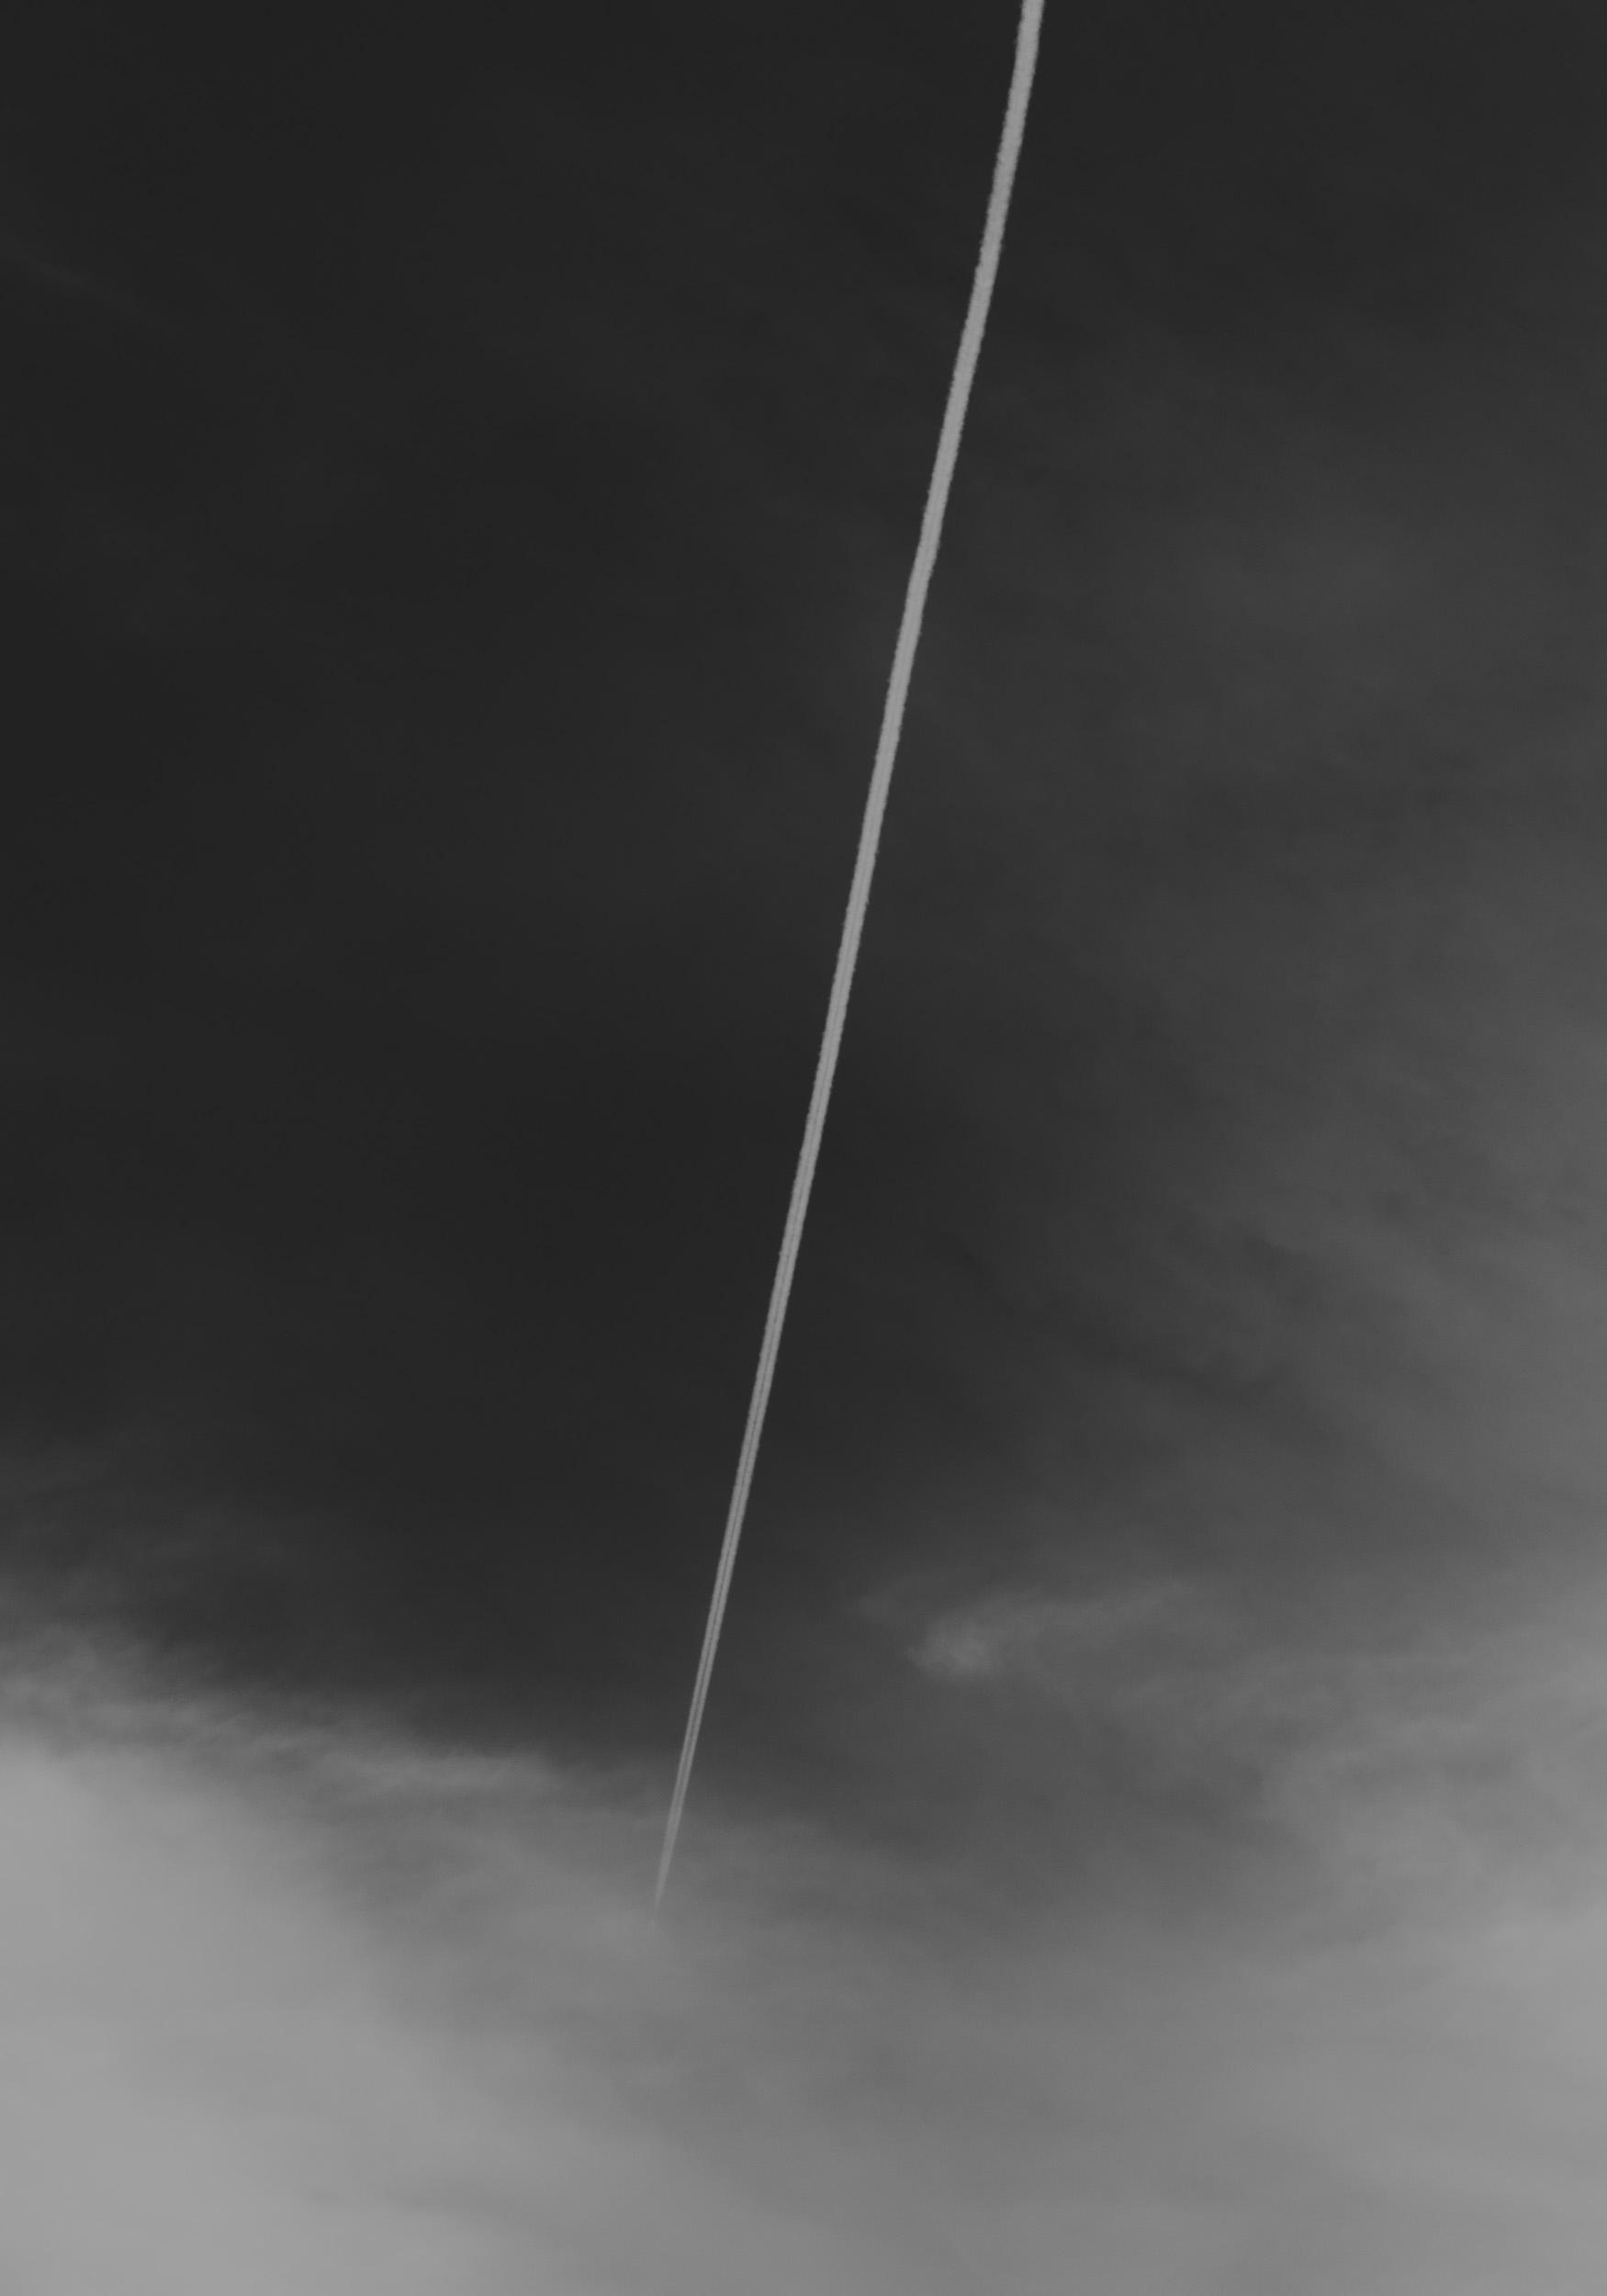 Clouds # 3